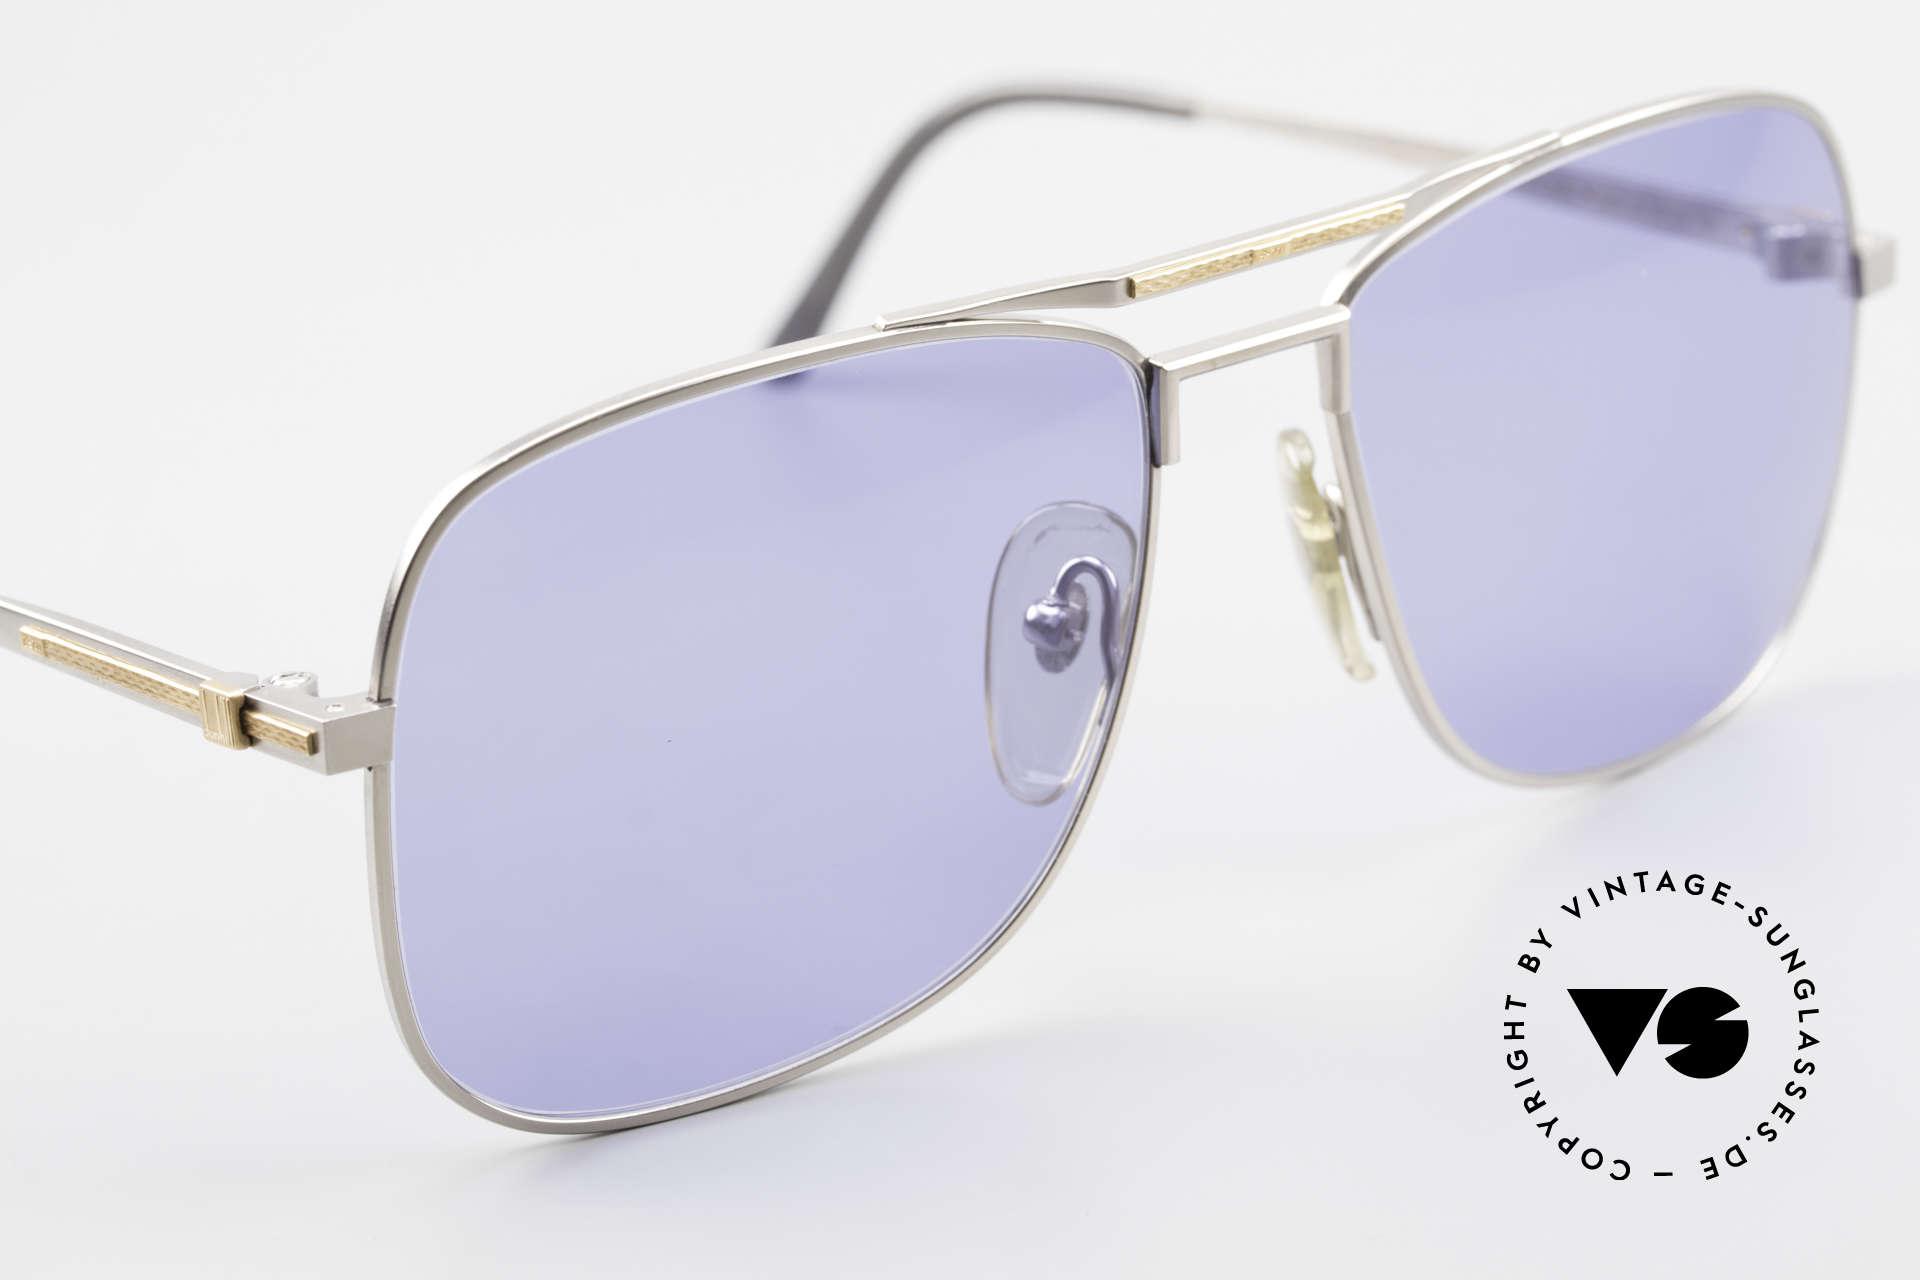 Dunhill 6038 18kt Gold Titanium 80er Brille, Fertigungskosten waren auch abhängig vom Goldpreis, Passend für Herren